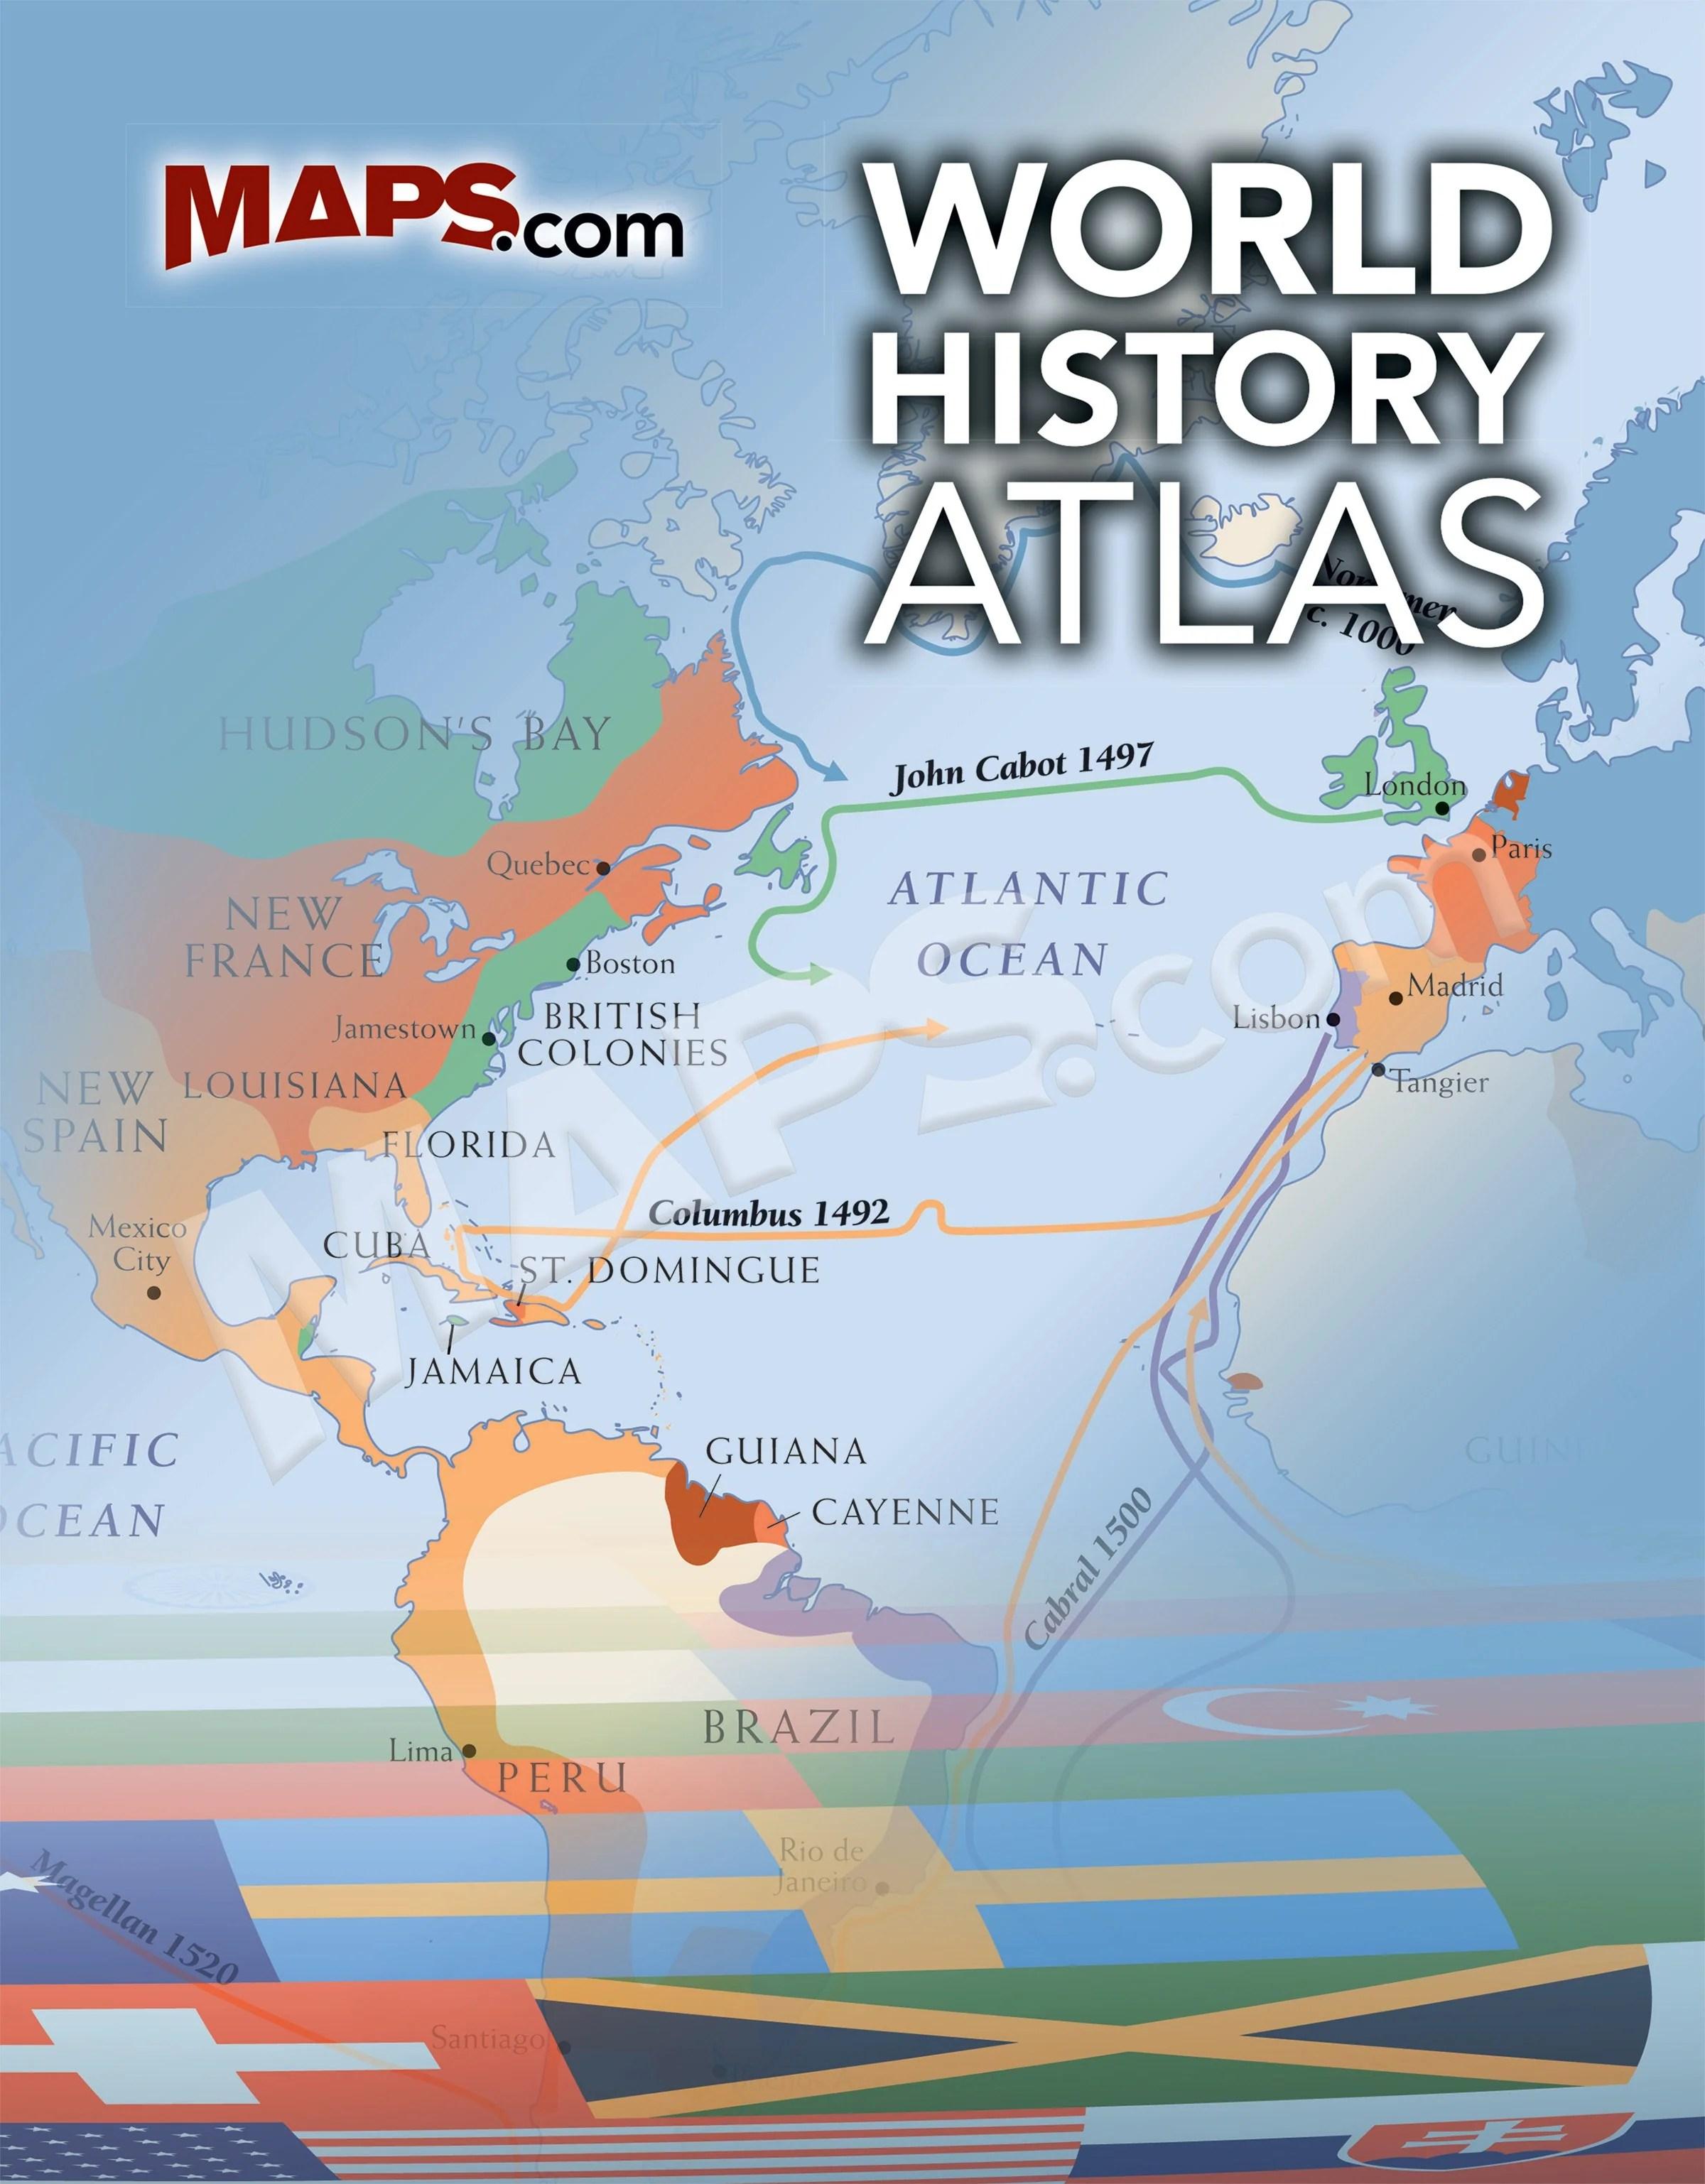 World History Map : world, history, World, History, Atlas, Maps.com.com